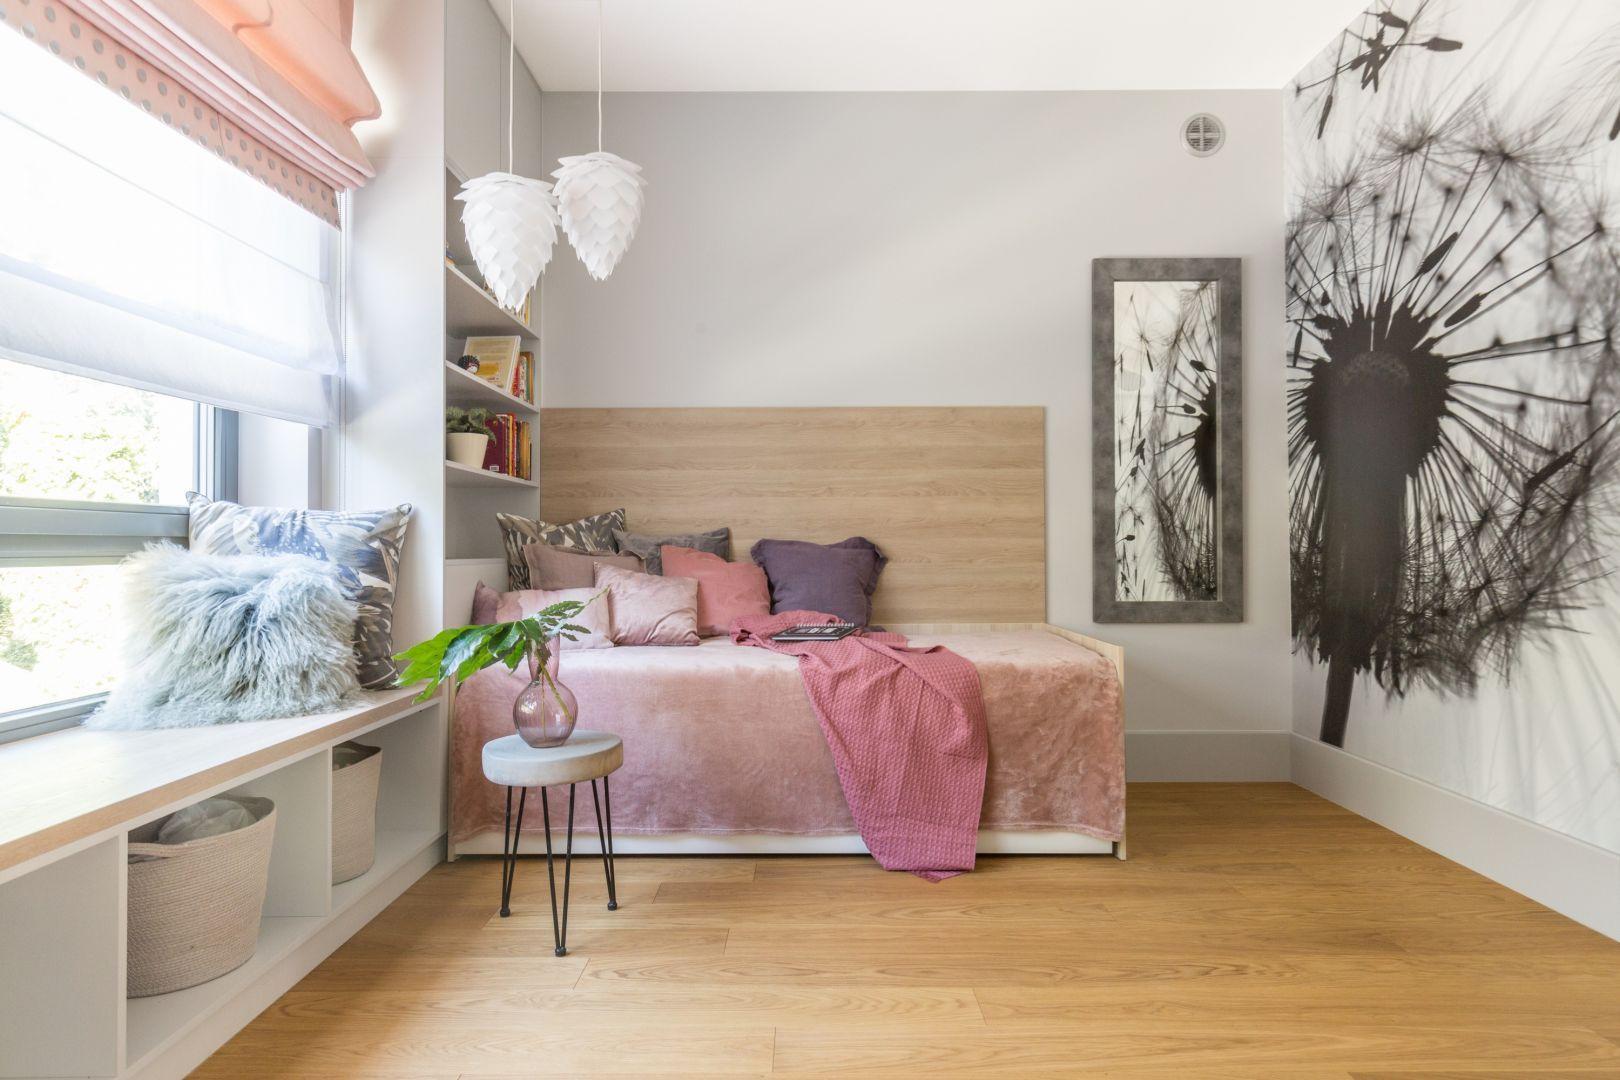 Pokój nastolatki urządzony w jasnych kolorach. Projekt: Małgorzata Dents. Fot. Pion Poziom